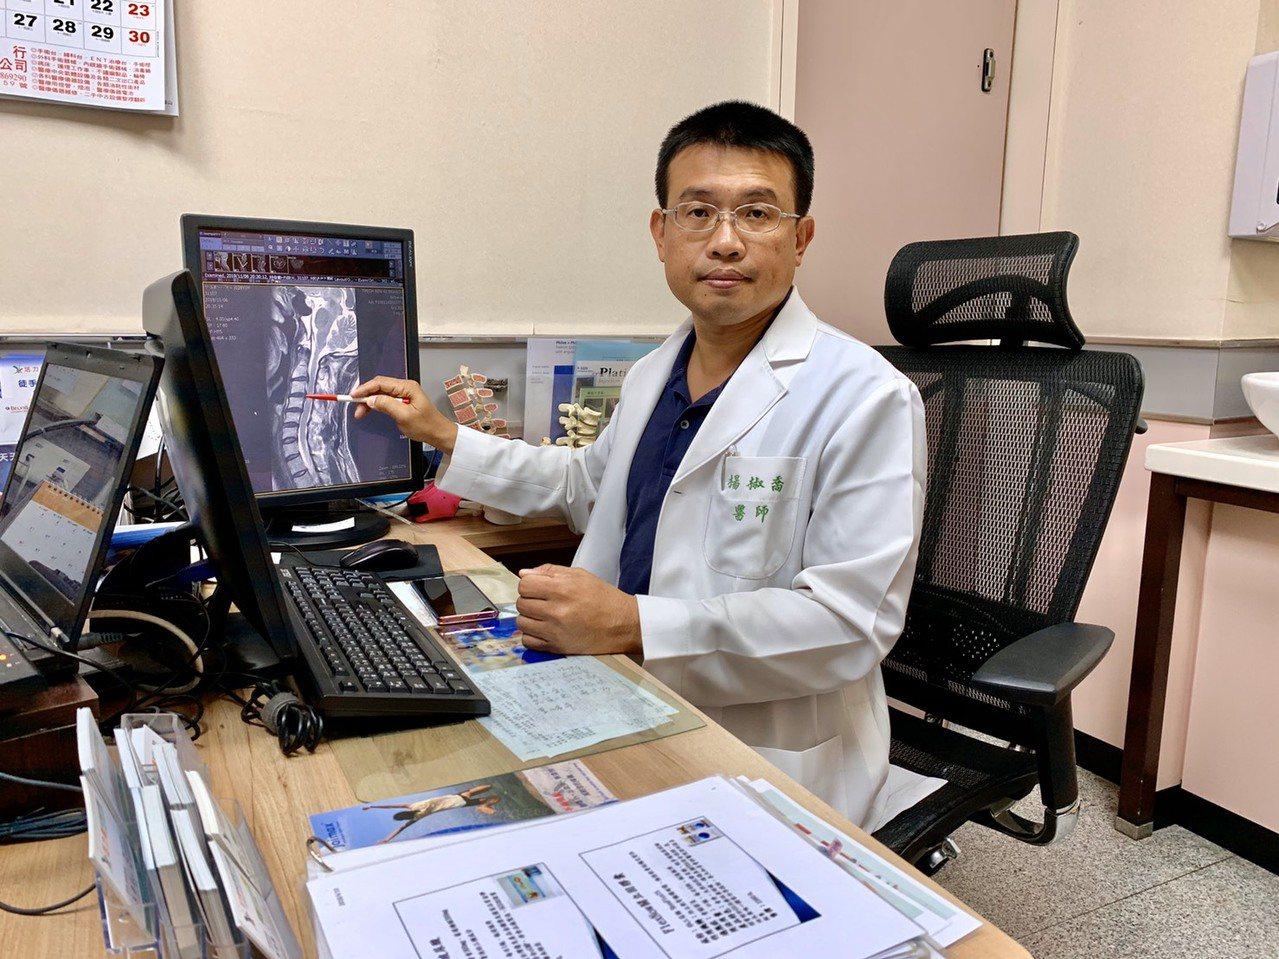 活力得中山脊椎外科醫院院長楊椒喬表示,微創頸椎內視鏡神經減壓融合術僅須夾除突出椎...